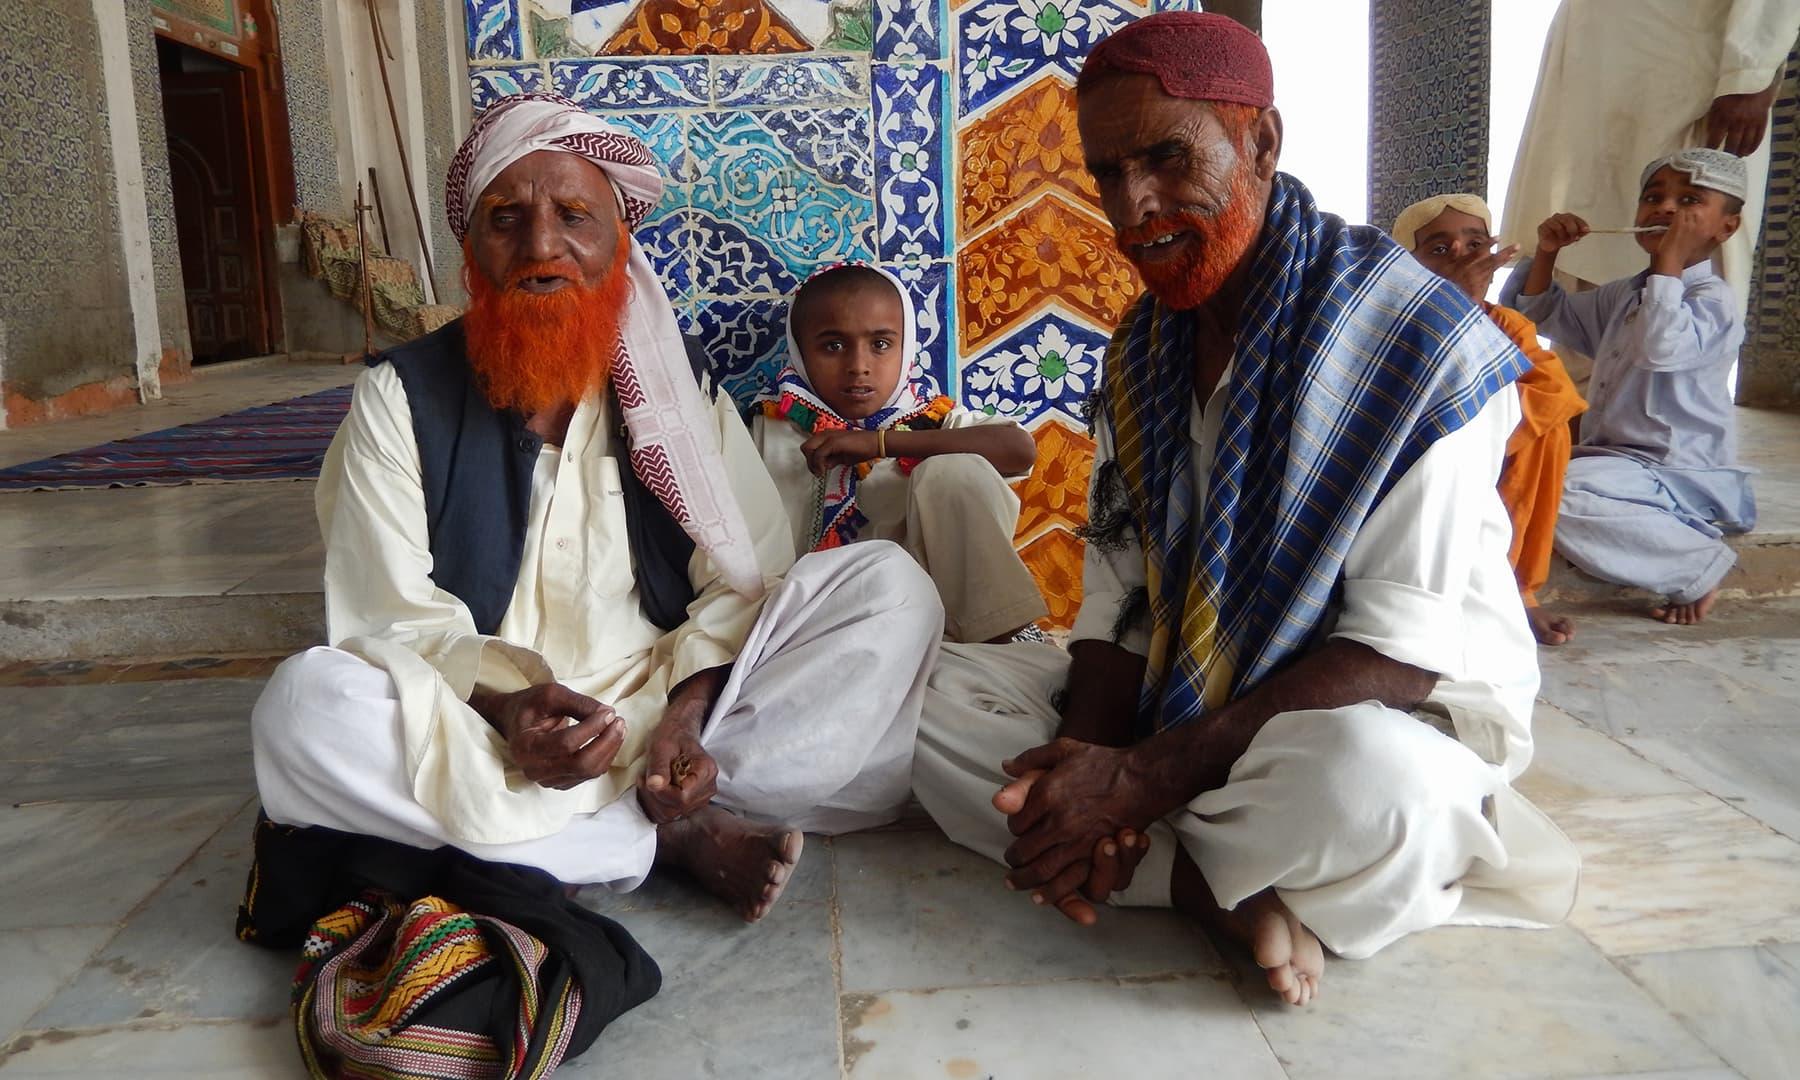 درگاہ پر موجود نعت پڑھنے والے—ابوبکر شیخ